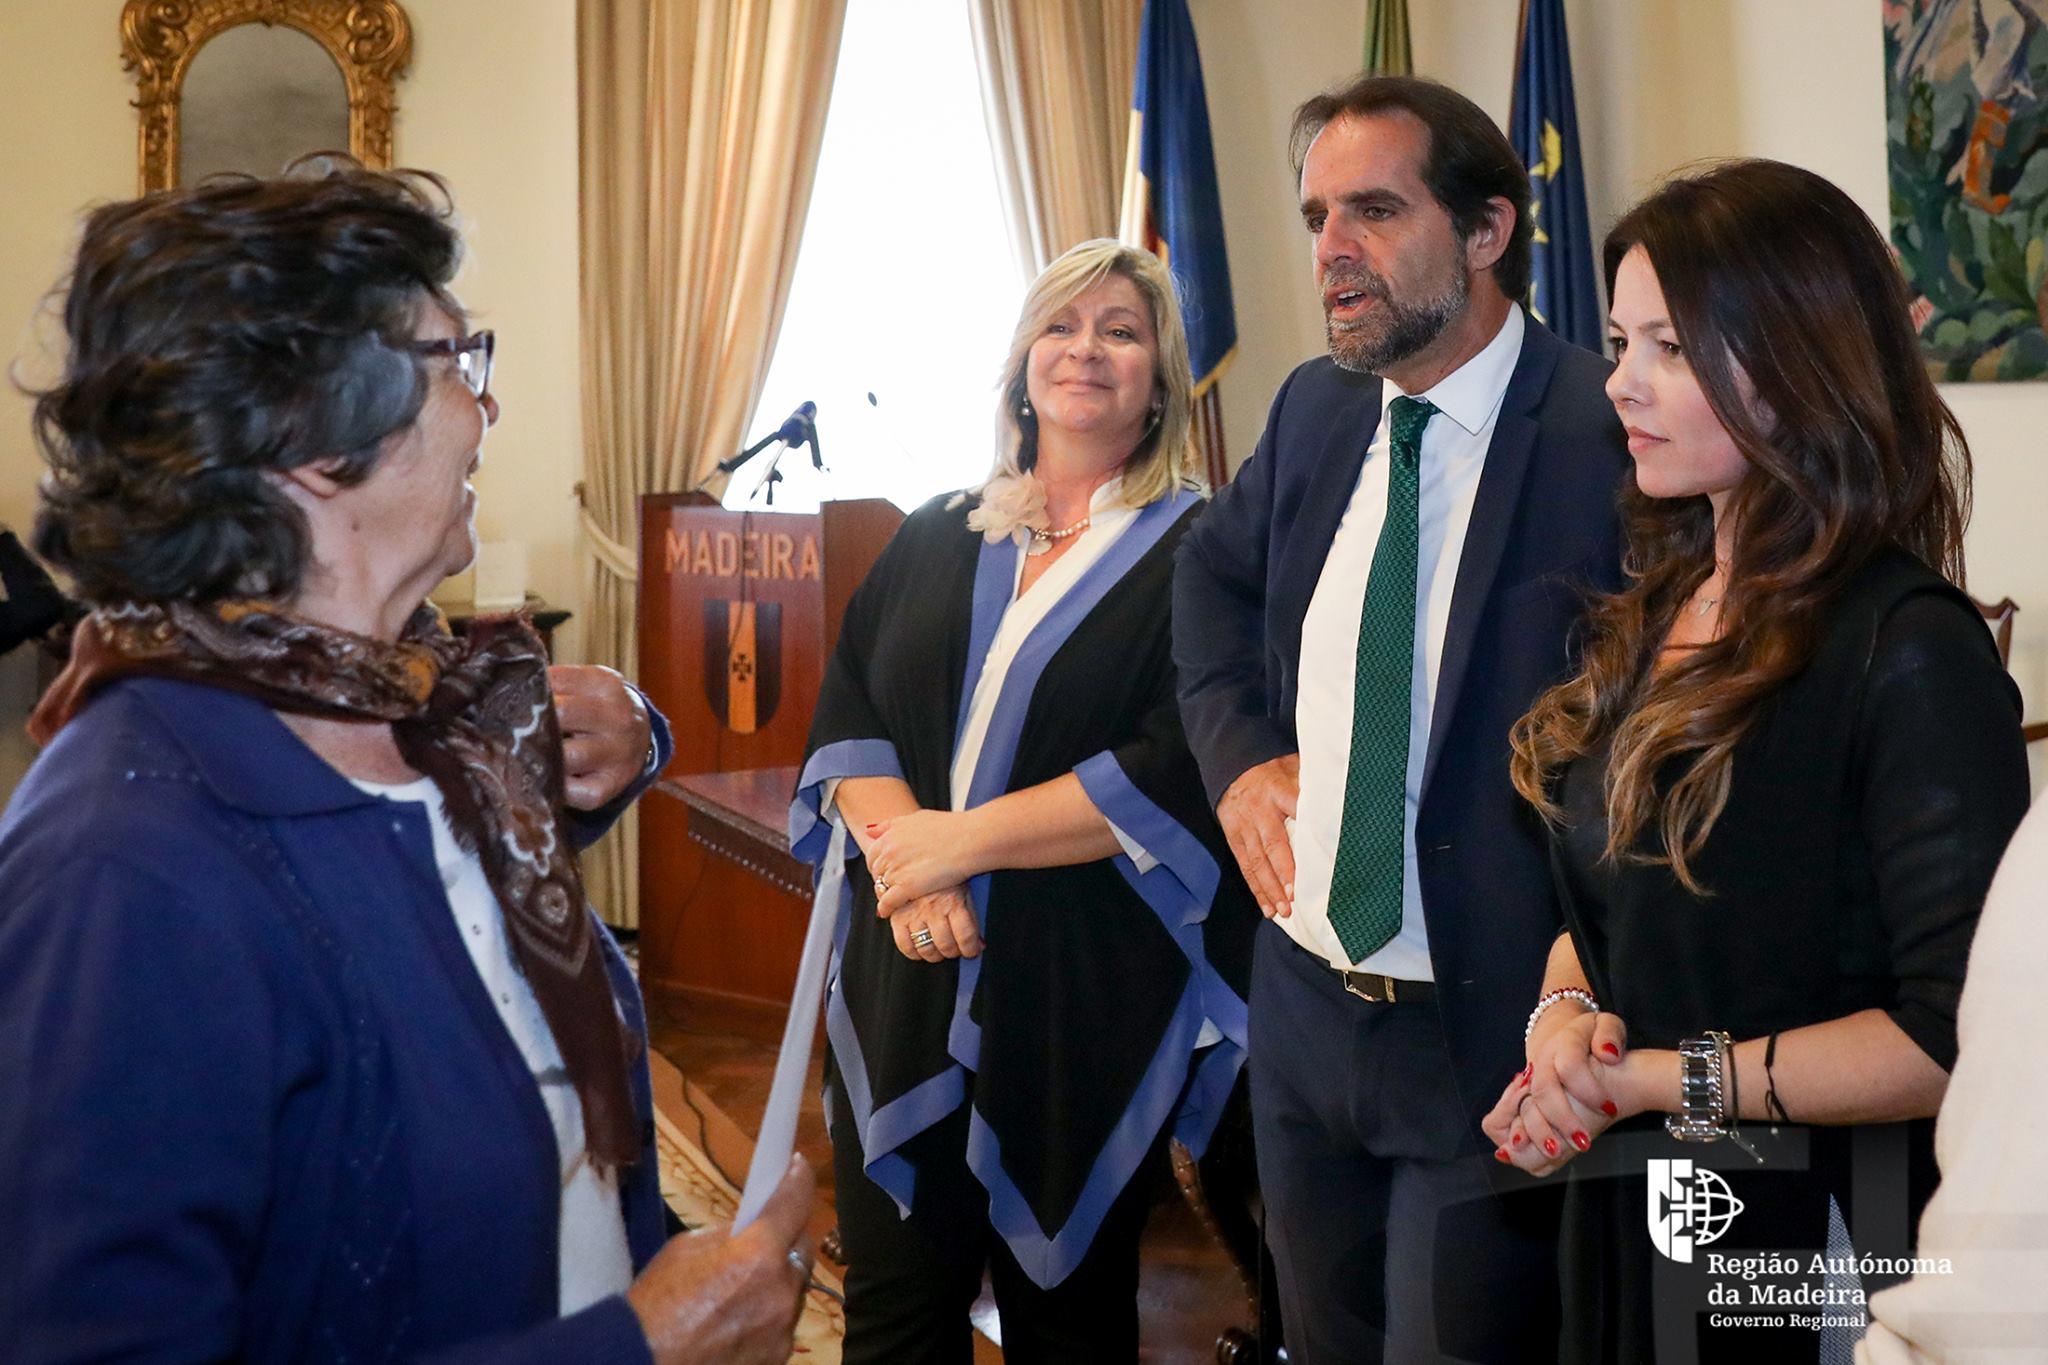 Governo Regional apoia famílias na recuperação da sua habitação